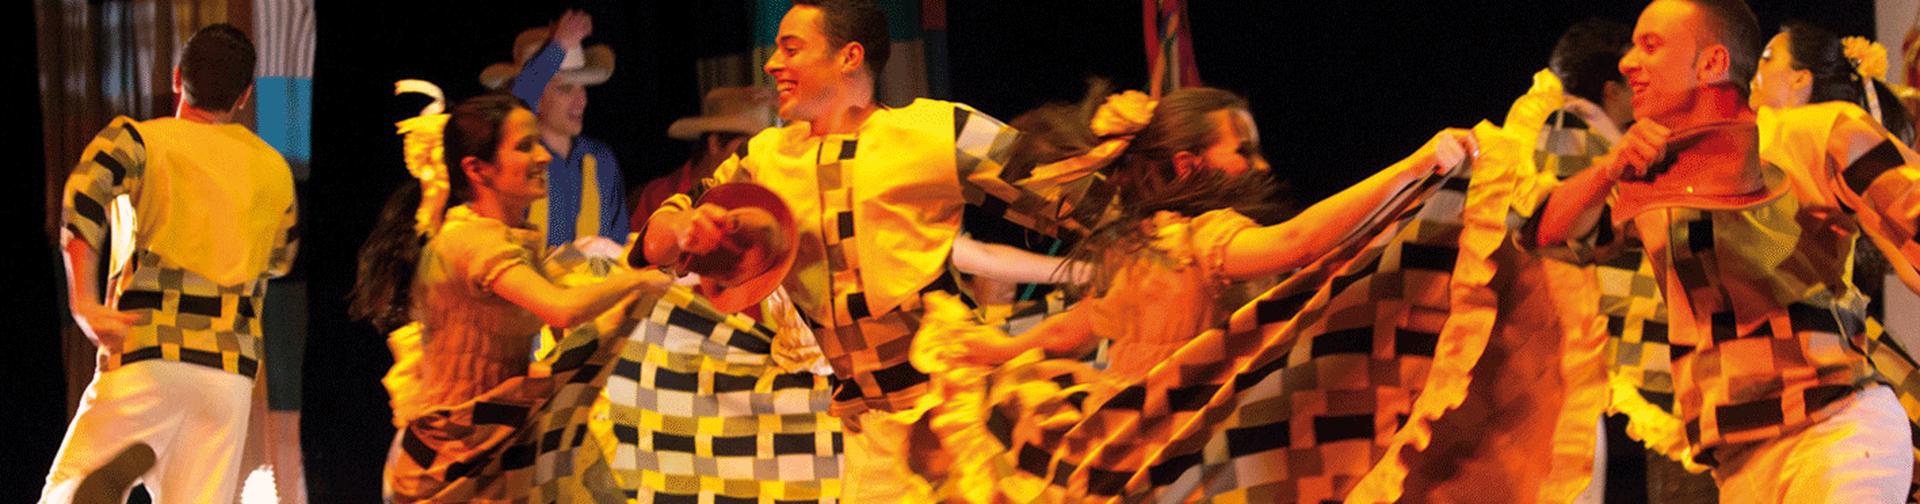 Espetáculo Gerais de Minas, do Grupo Sarandeiros, é uma das atrações culturais do evento